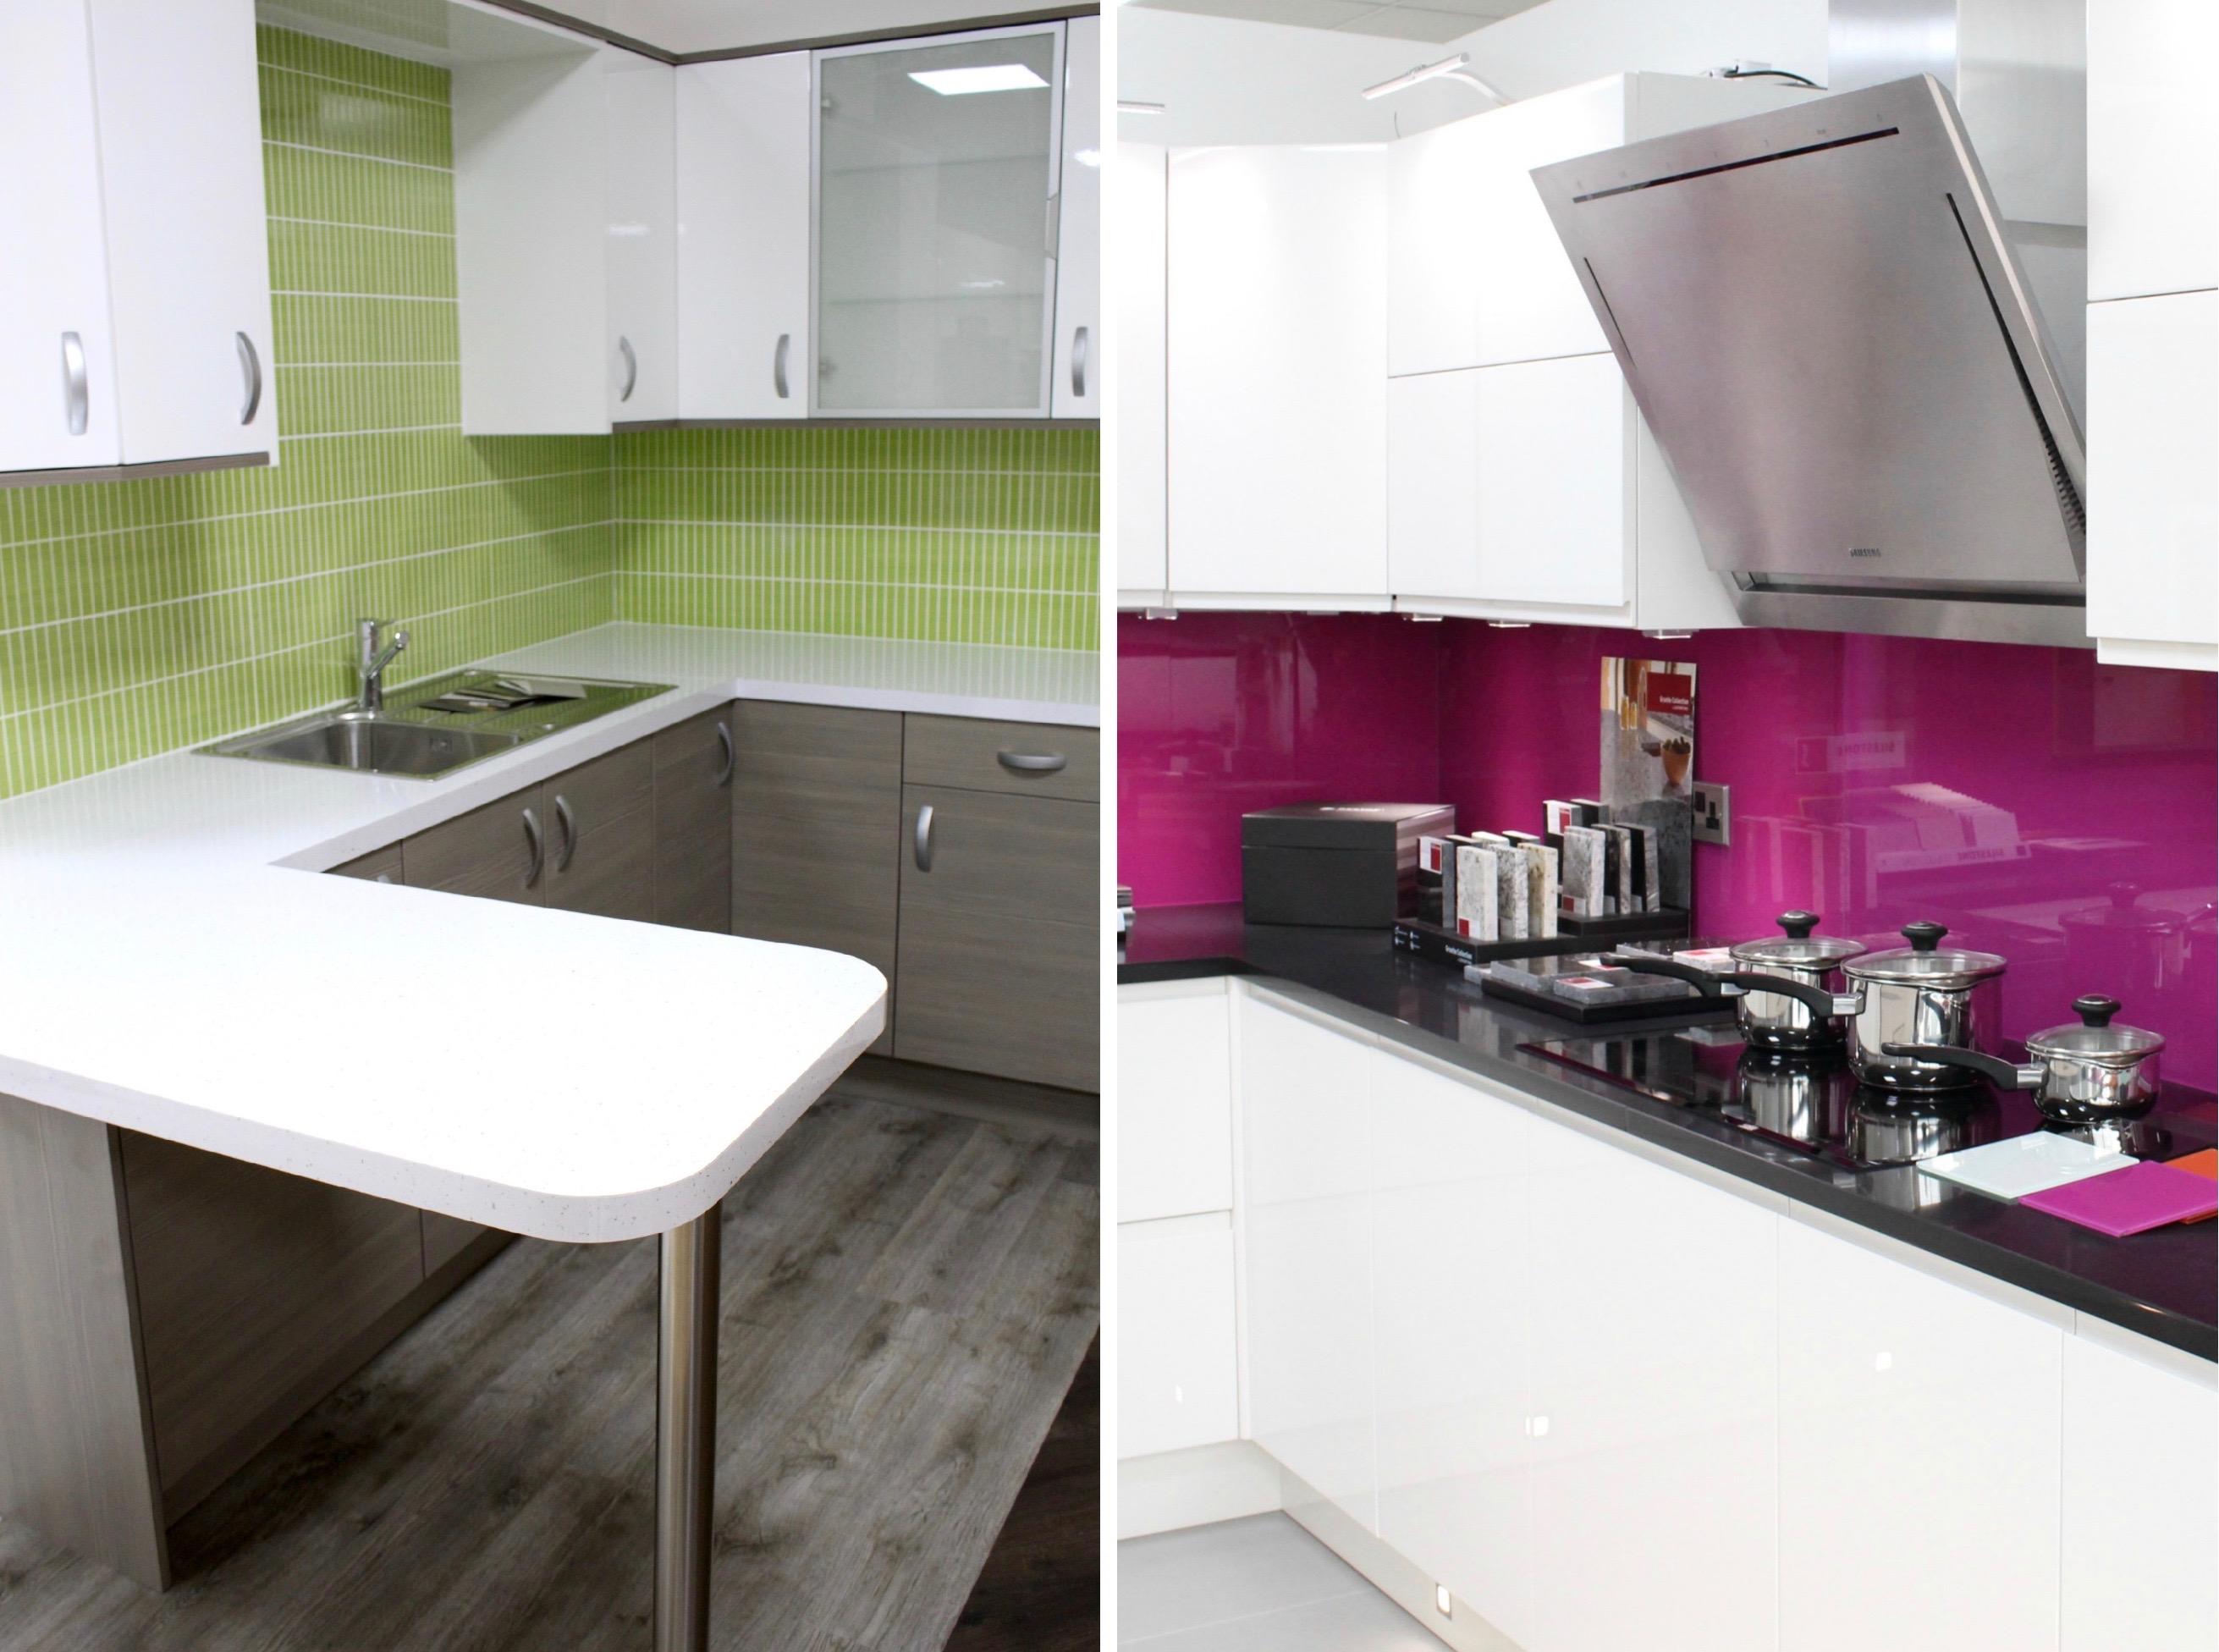 Uncategorized Colour Tiles For Kitchen amazing kitchen tiles colour contemporary best idea home design splash back ideas jct interiors white what tiles